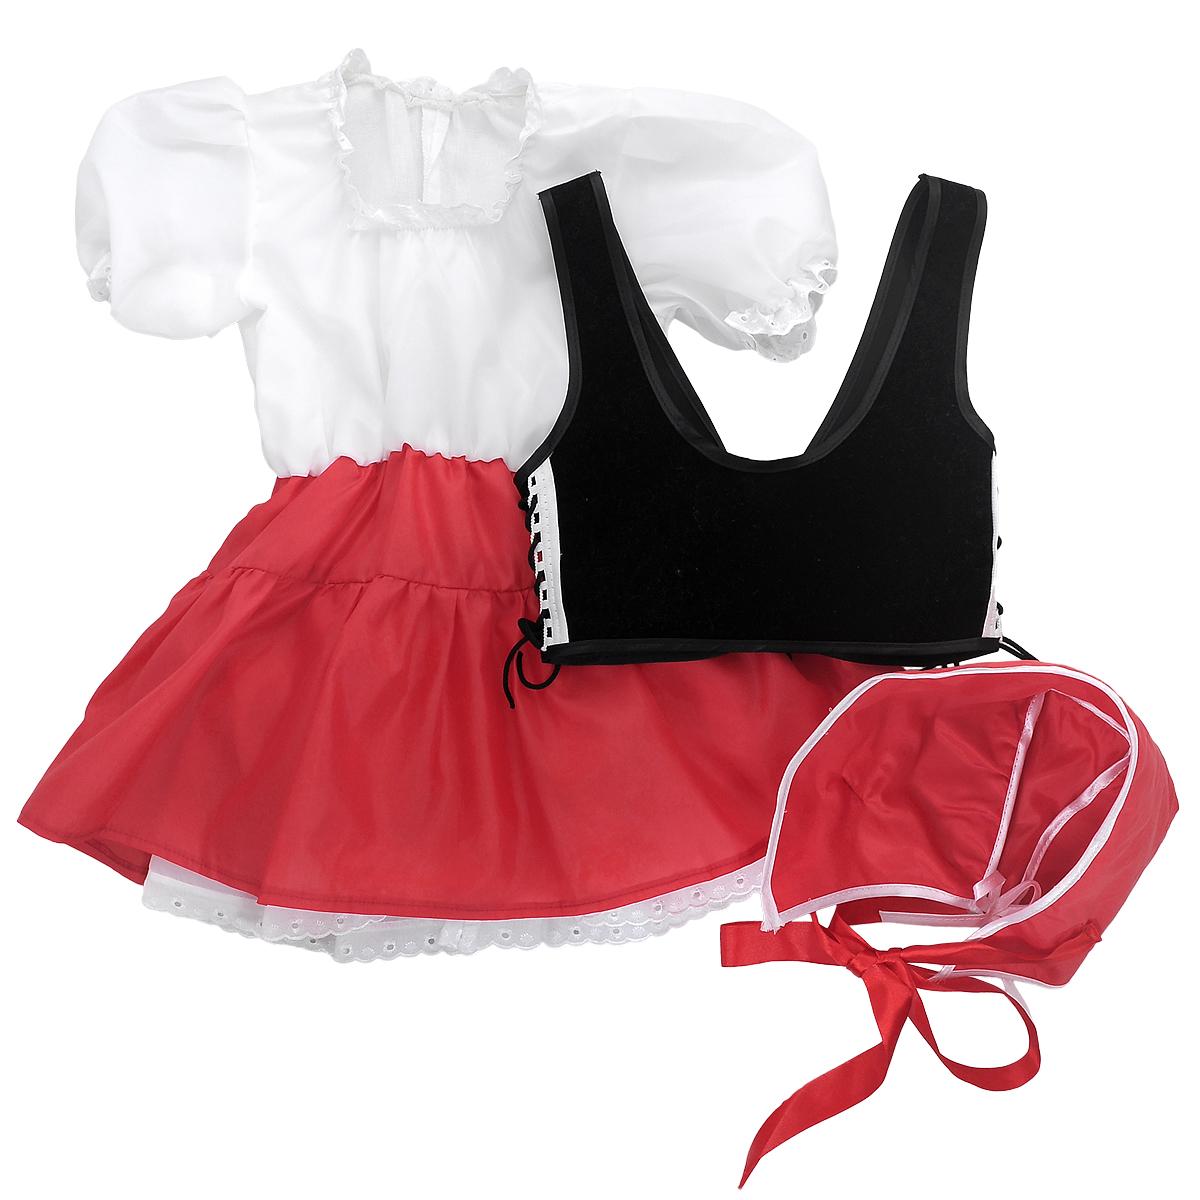 Карнавальный костюм для девочки Вестифика Красная Шапочка, цвет: черный, красный. 102 003. Размер 98/110102 003Детский карнавальный костюм для девочки Вестифика Красная Шапочка позволит вашей малышке быть яркой героиней на детском утреннике, бале-маскараде или карнавале. Костюм состоит из платья, жилета-корсета и шапочки. Платье с длинными рукавами-фонариками и подъюбником выполнена из атласного материала. Вырез горловины и низ рукавов присборены на эластичные резинки и украшены ажурными рюшами. Низ модели также украшен ажурными рюшами. Шапочка по краю оформлена контрастной бейкой и дополнена двумя атласными ленточками и декоративным бантиком. Корсет с бретелями дополнен шнуровками по бокам. Спереди изделие завязывается на шнуровку. В этом костюме веселое настроение и масса положительных эмоций будут обеспечены!